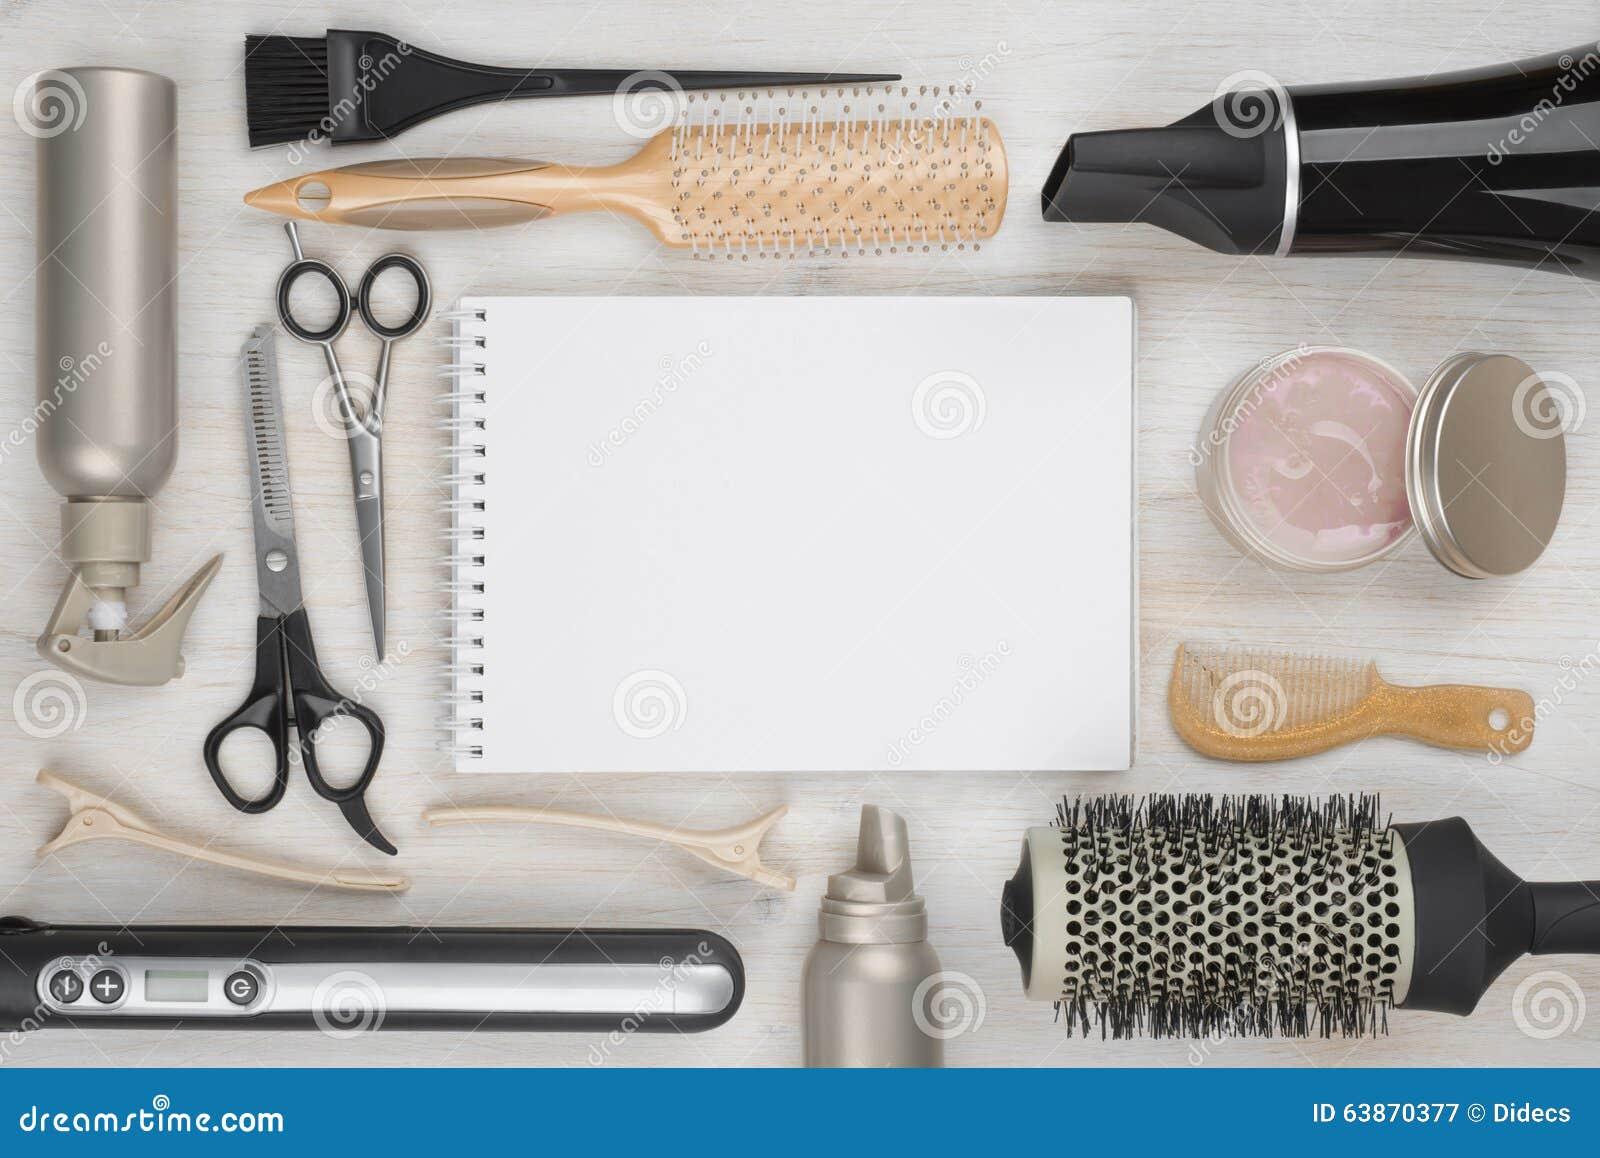 outils de coiffure sur le fond en bois avec la page blanche au centre image stock image du. Black Bedroom Furniture Sets. Home Design Ideas